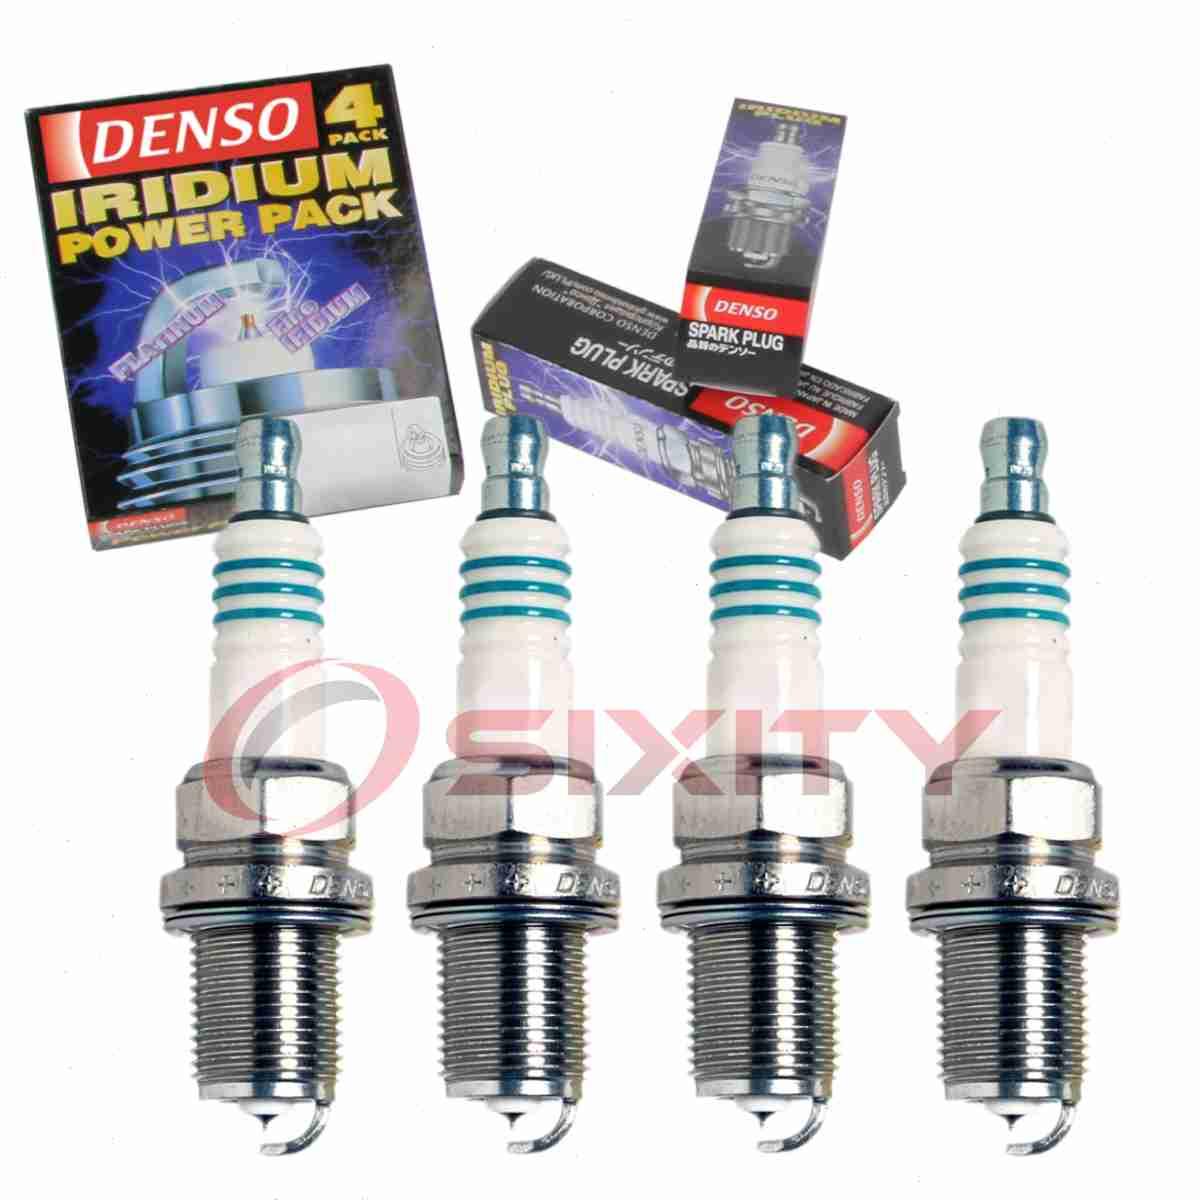 4 X Denso Iridium Power Spark Plugs 2008-2011 Scion xB 2.4L L4 Kit Set